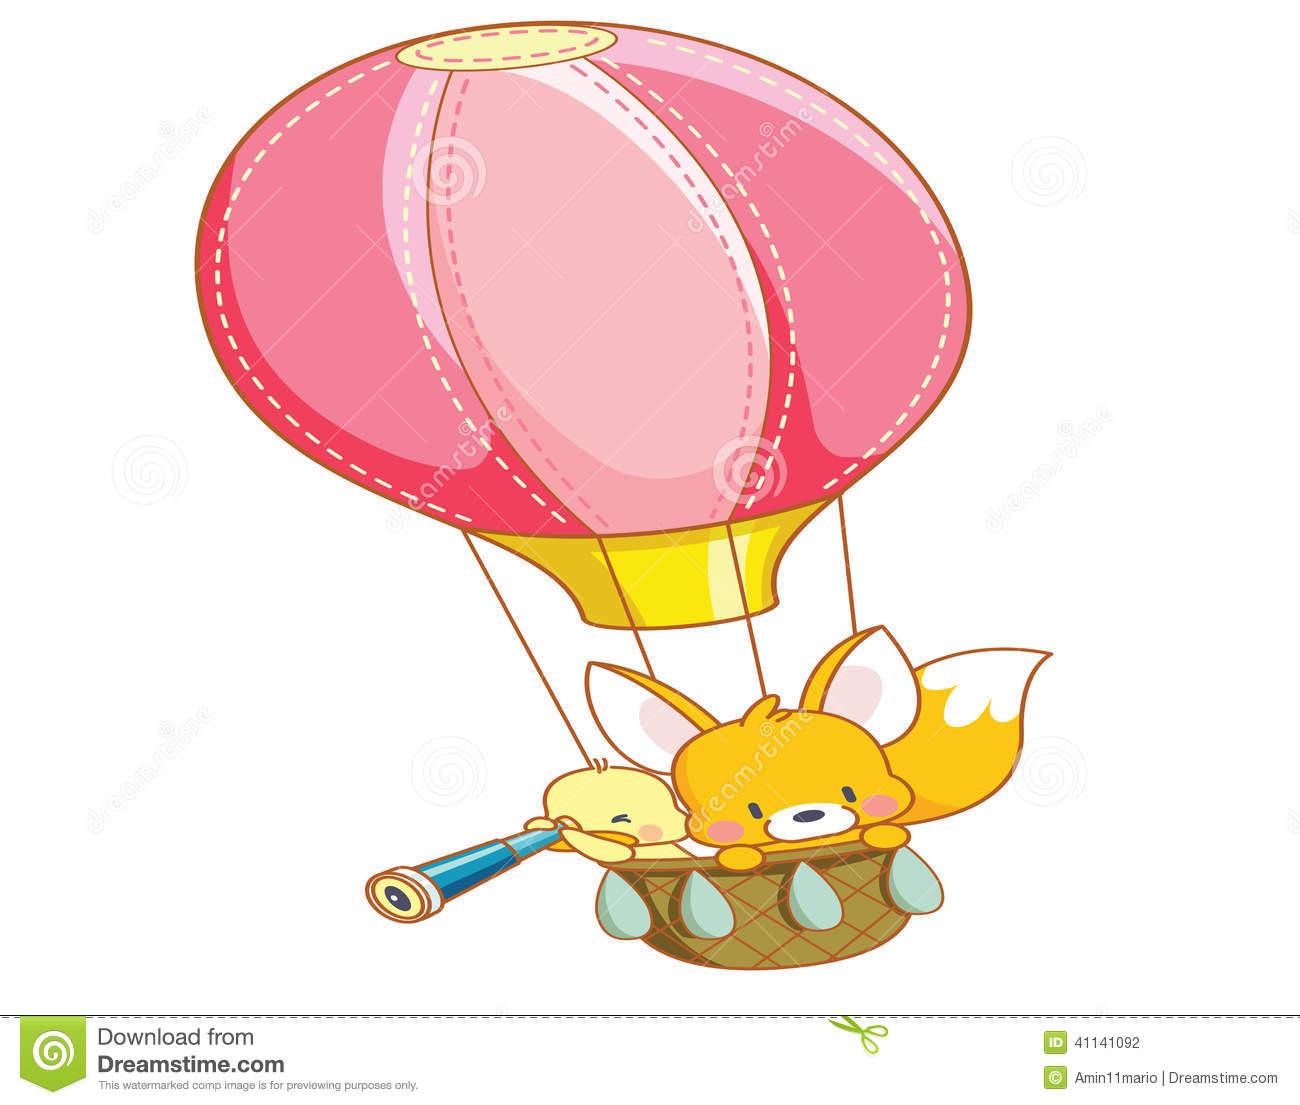 Cartoon Chicks And Cute Squirrel Air Balloon Ride Stock.